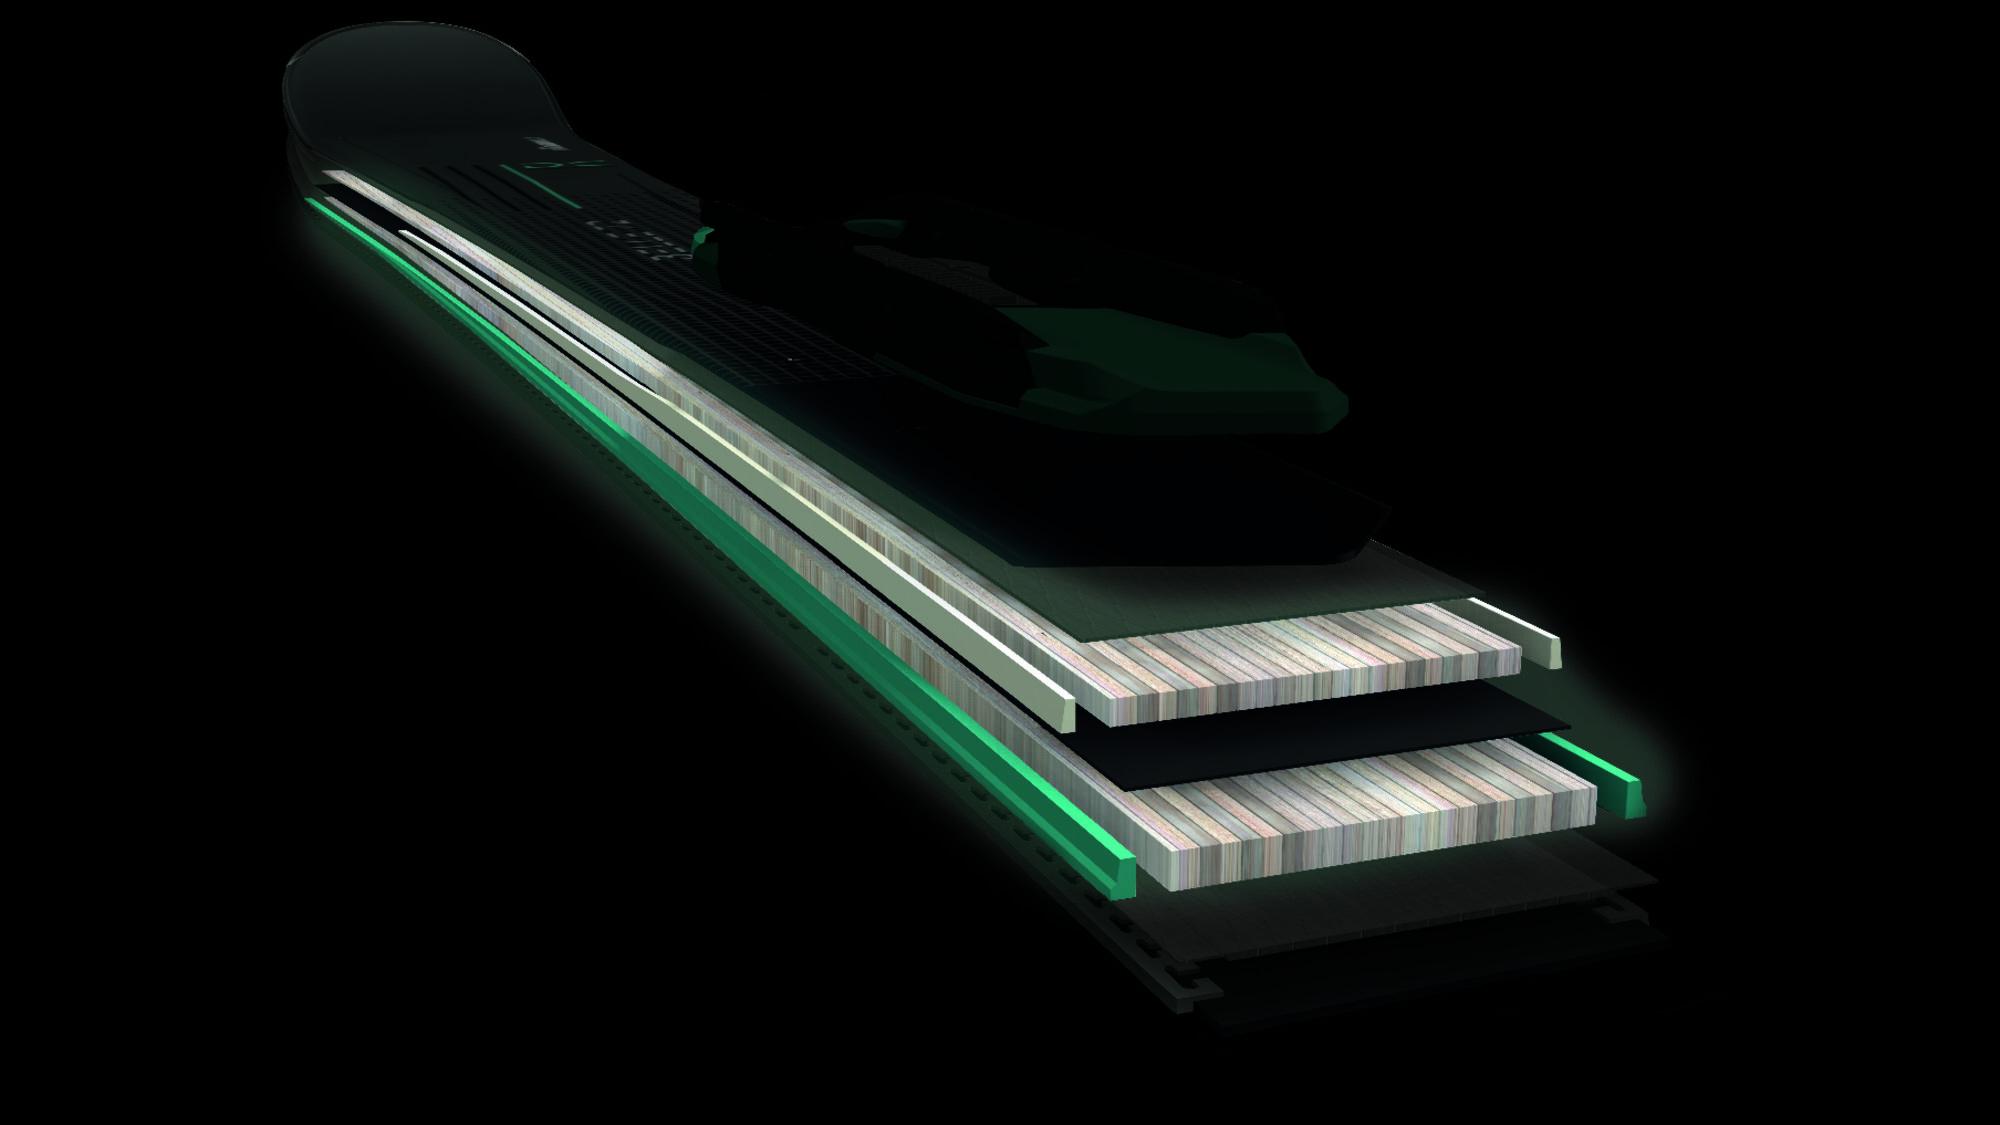 Die Nordica Double Core Technologie wird in der Belle Damenserie eingesetzt